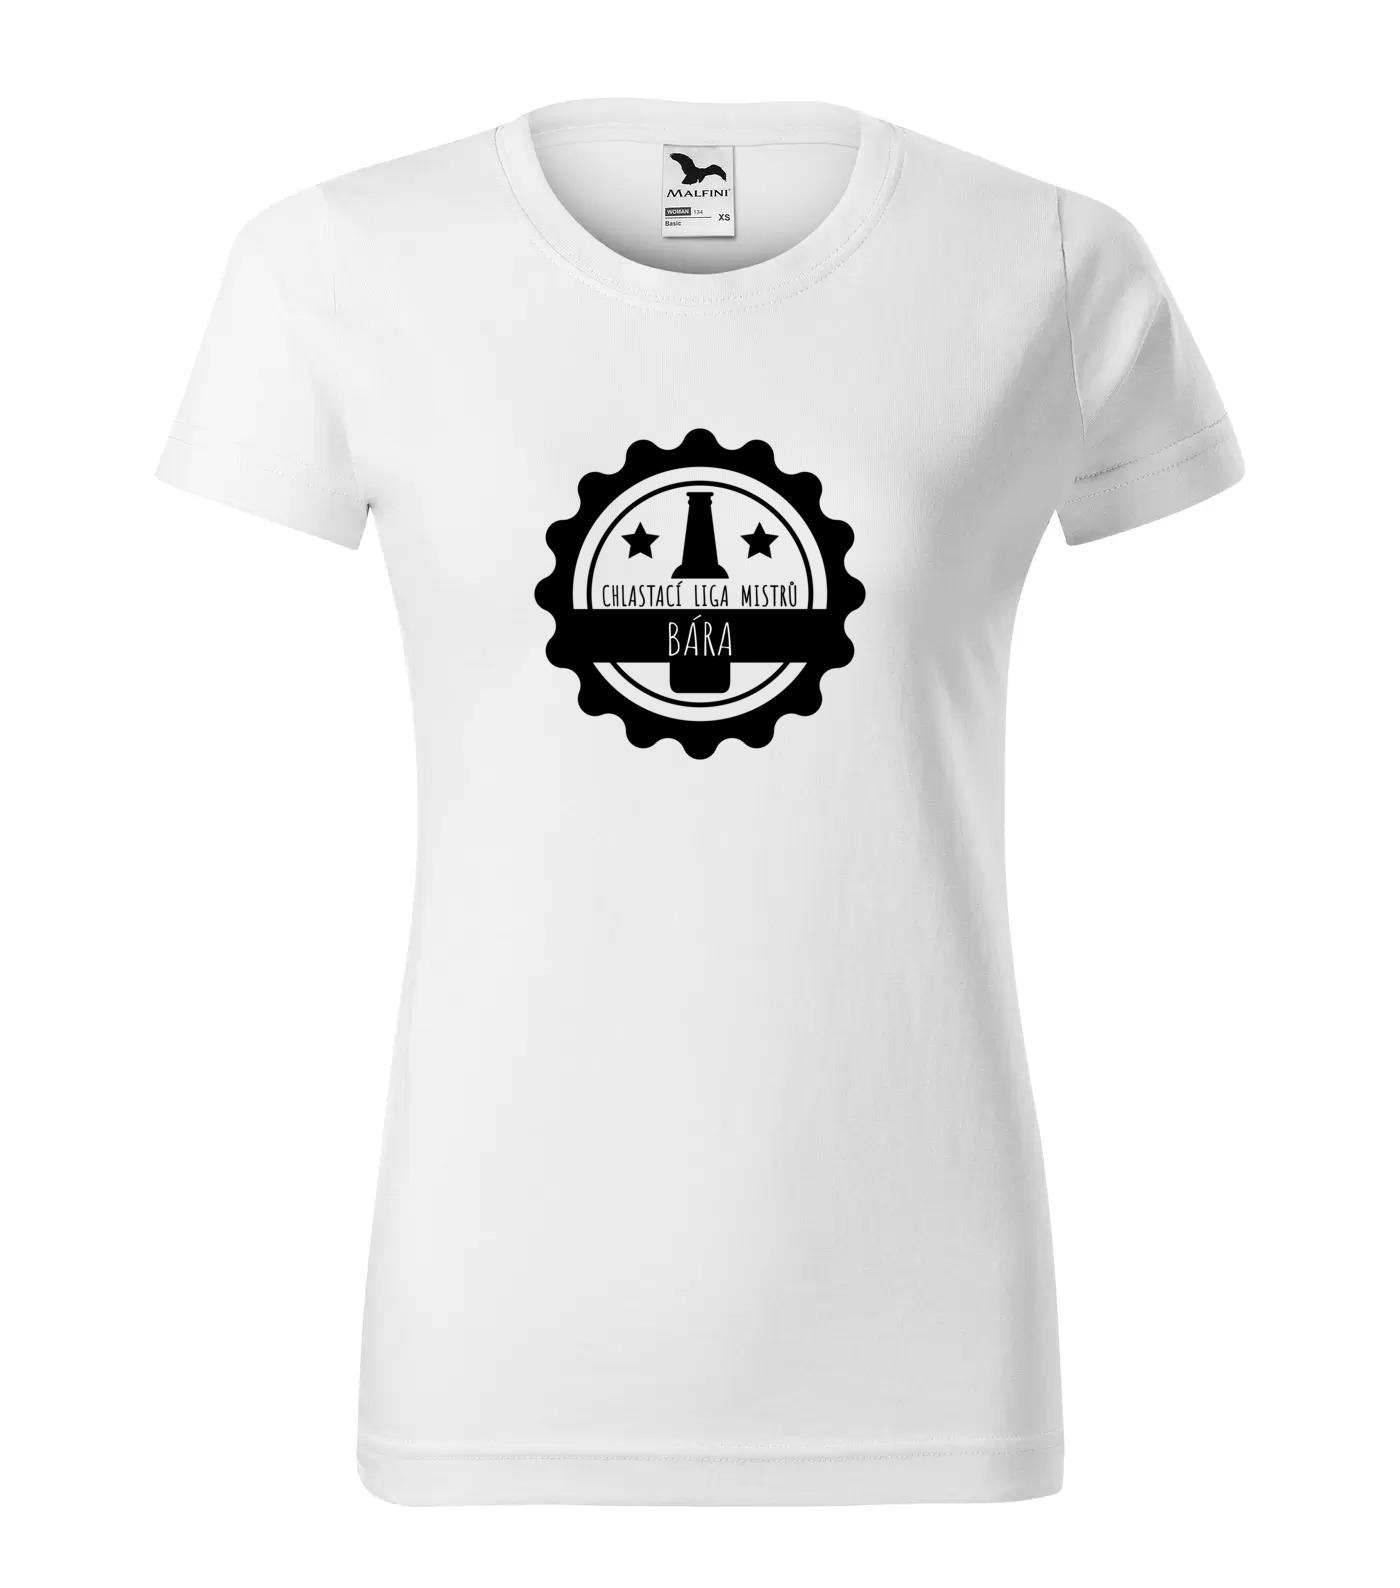 Tričko Chlastací liga žen Bára